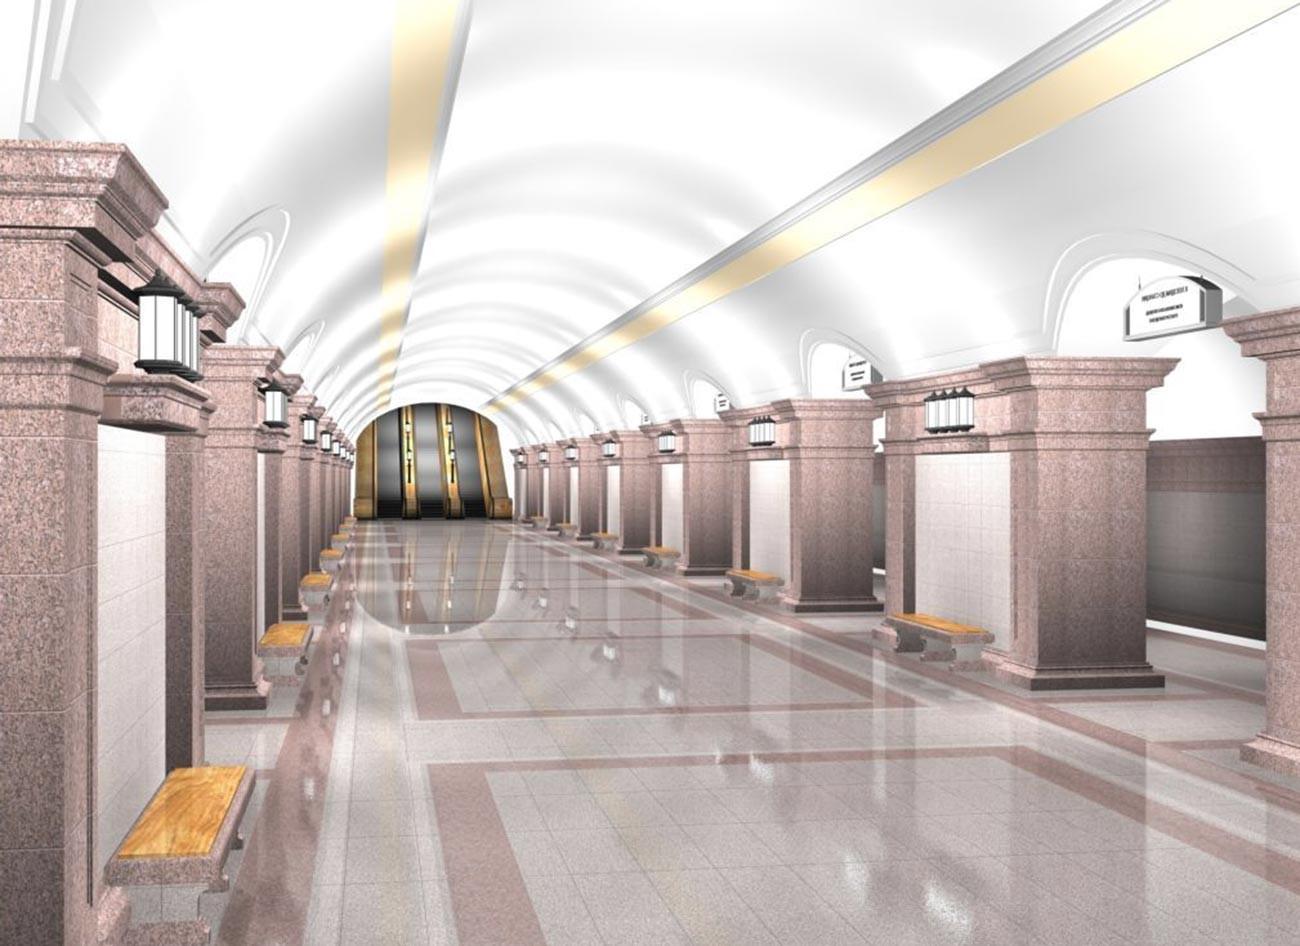 Voici à quoi pourrait ressembler une station de métro de Tcheliabinsk